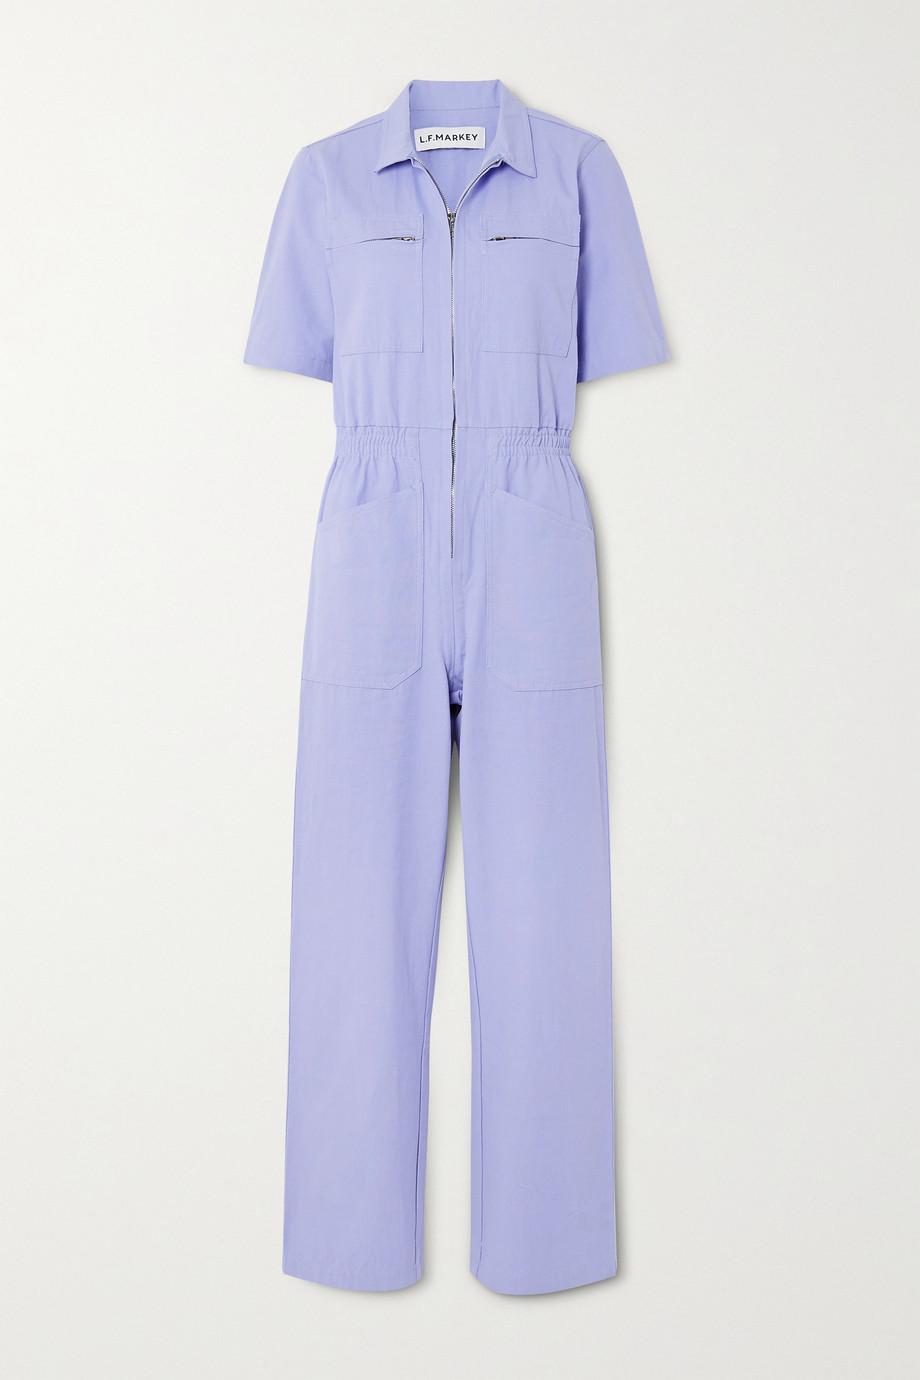 L.F.Markey Danny cotton-canvas jumpsuit